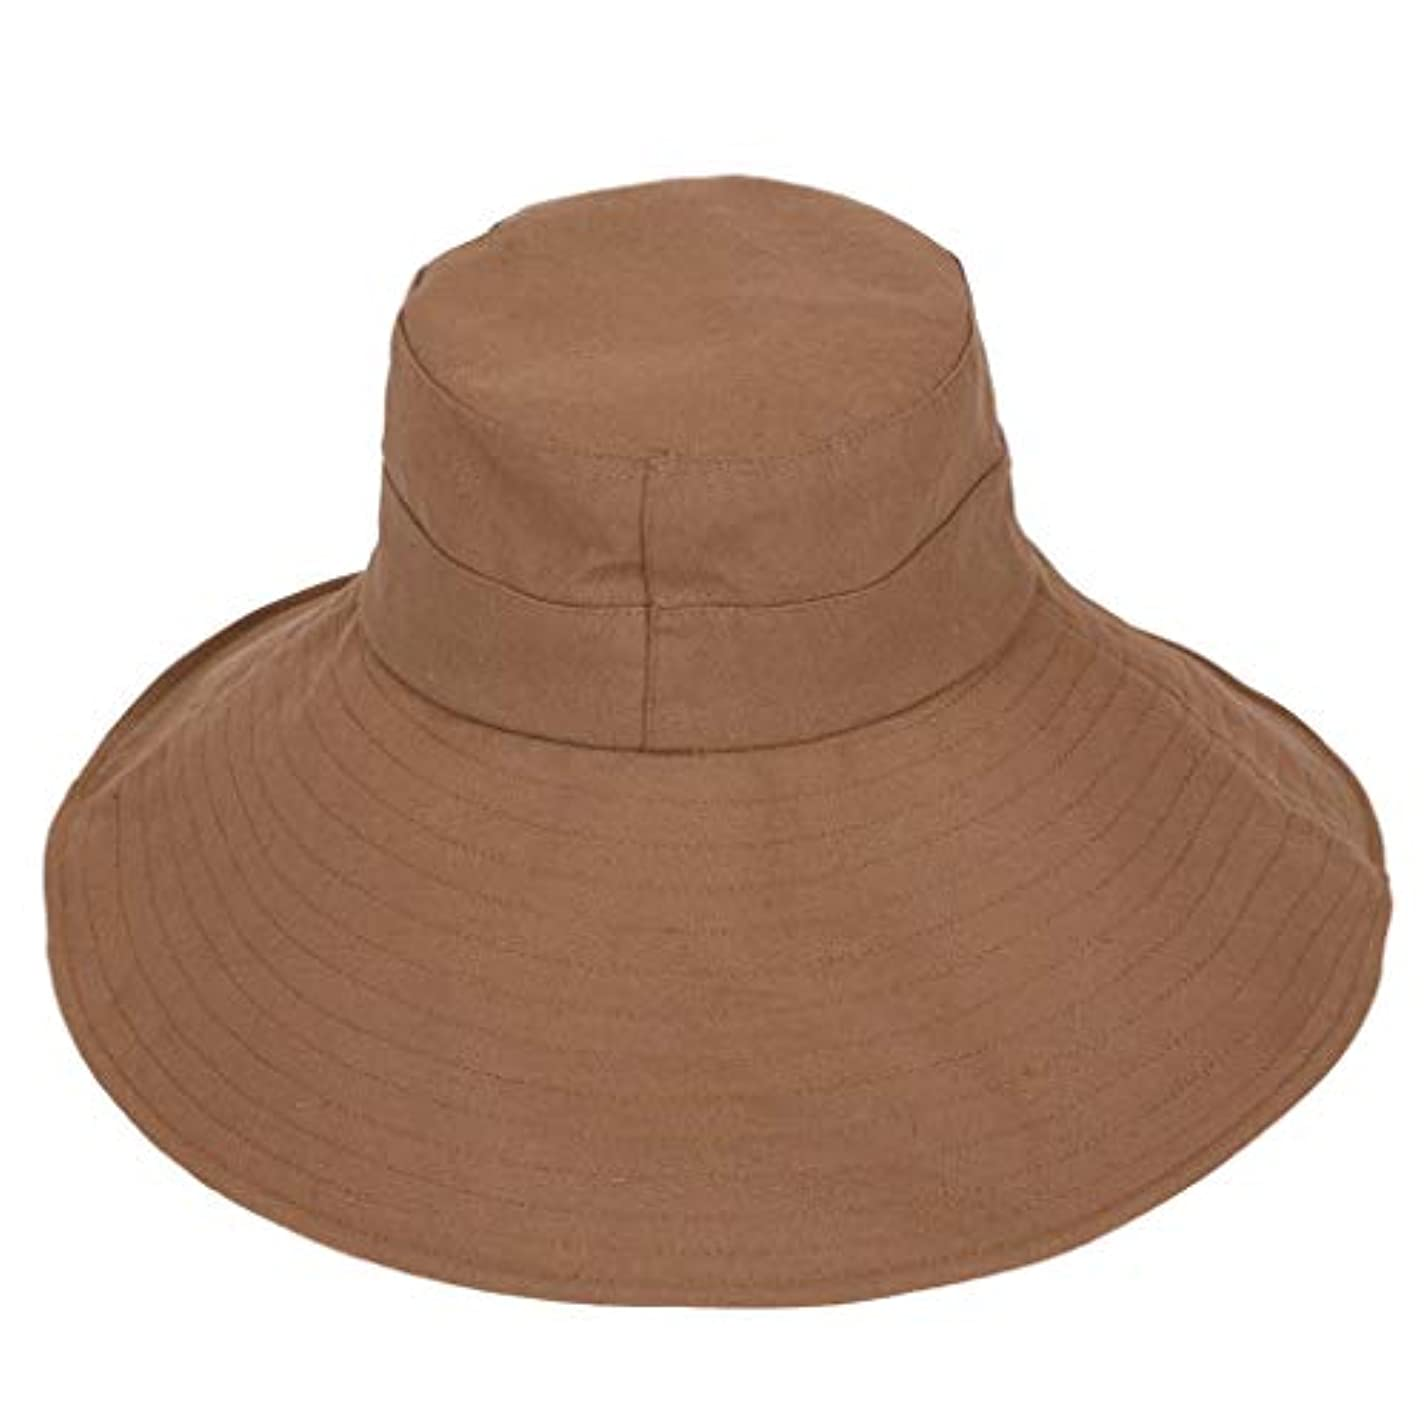 漁師帽 ROSE ROMAN 帽子 レディース UVカット 帽子 UV帽子 日焼け防止 軽量 熱中症予防 取り外すあご紐 つば広 おしゃれ 可愛い 夏季 海 旅行 無地 ワイルド カジュアル スタイル ファッション シンプル 発送